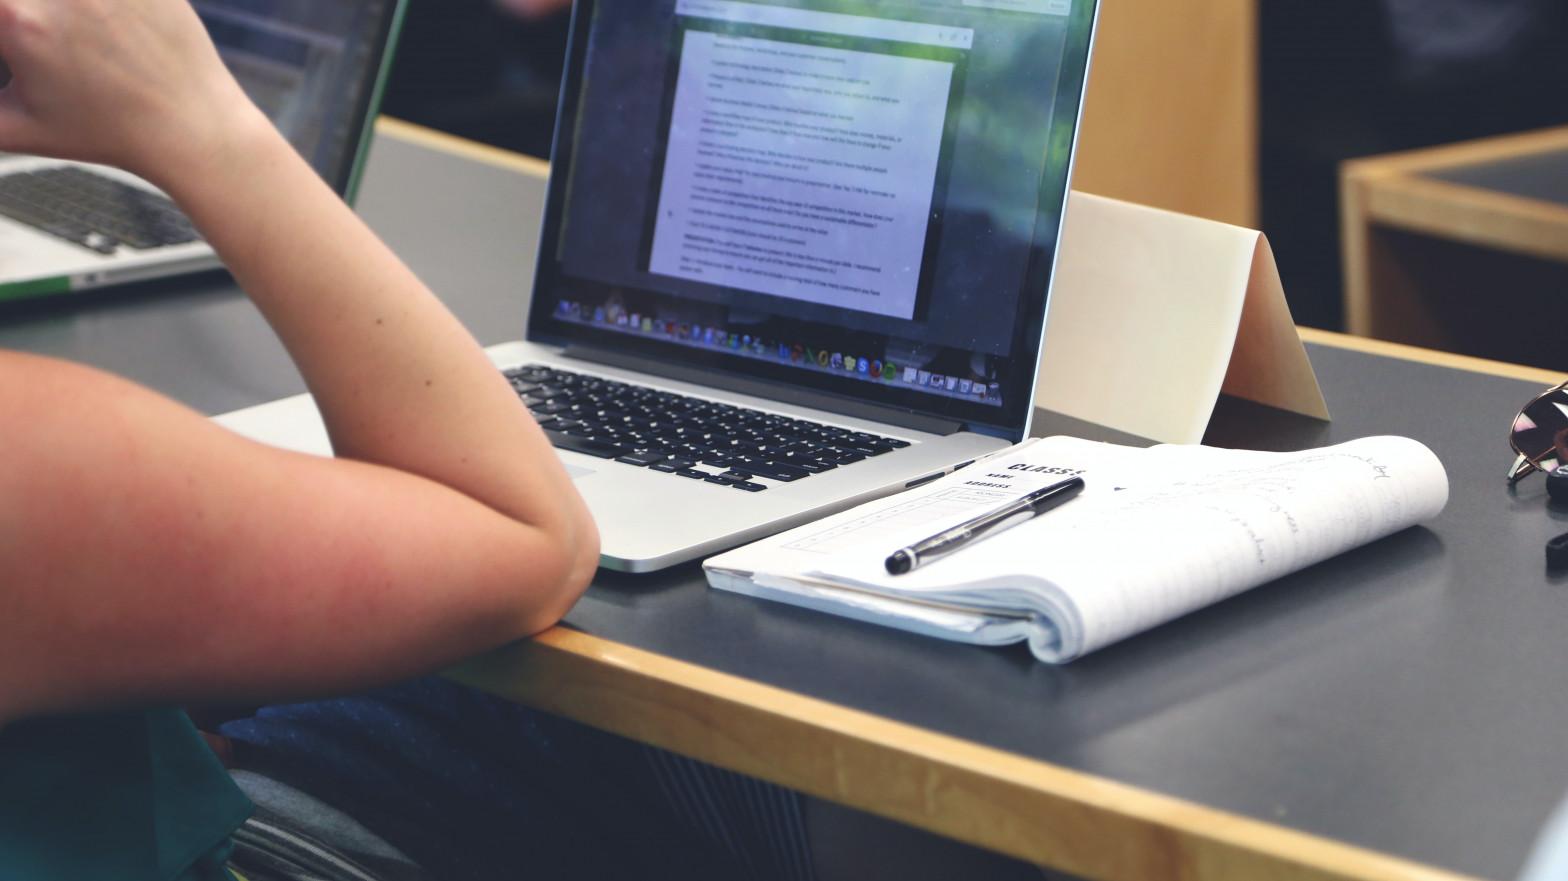 La ministra Celaá presenta la ley de FP que crea cursos de titulación oficial de 50 horas